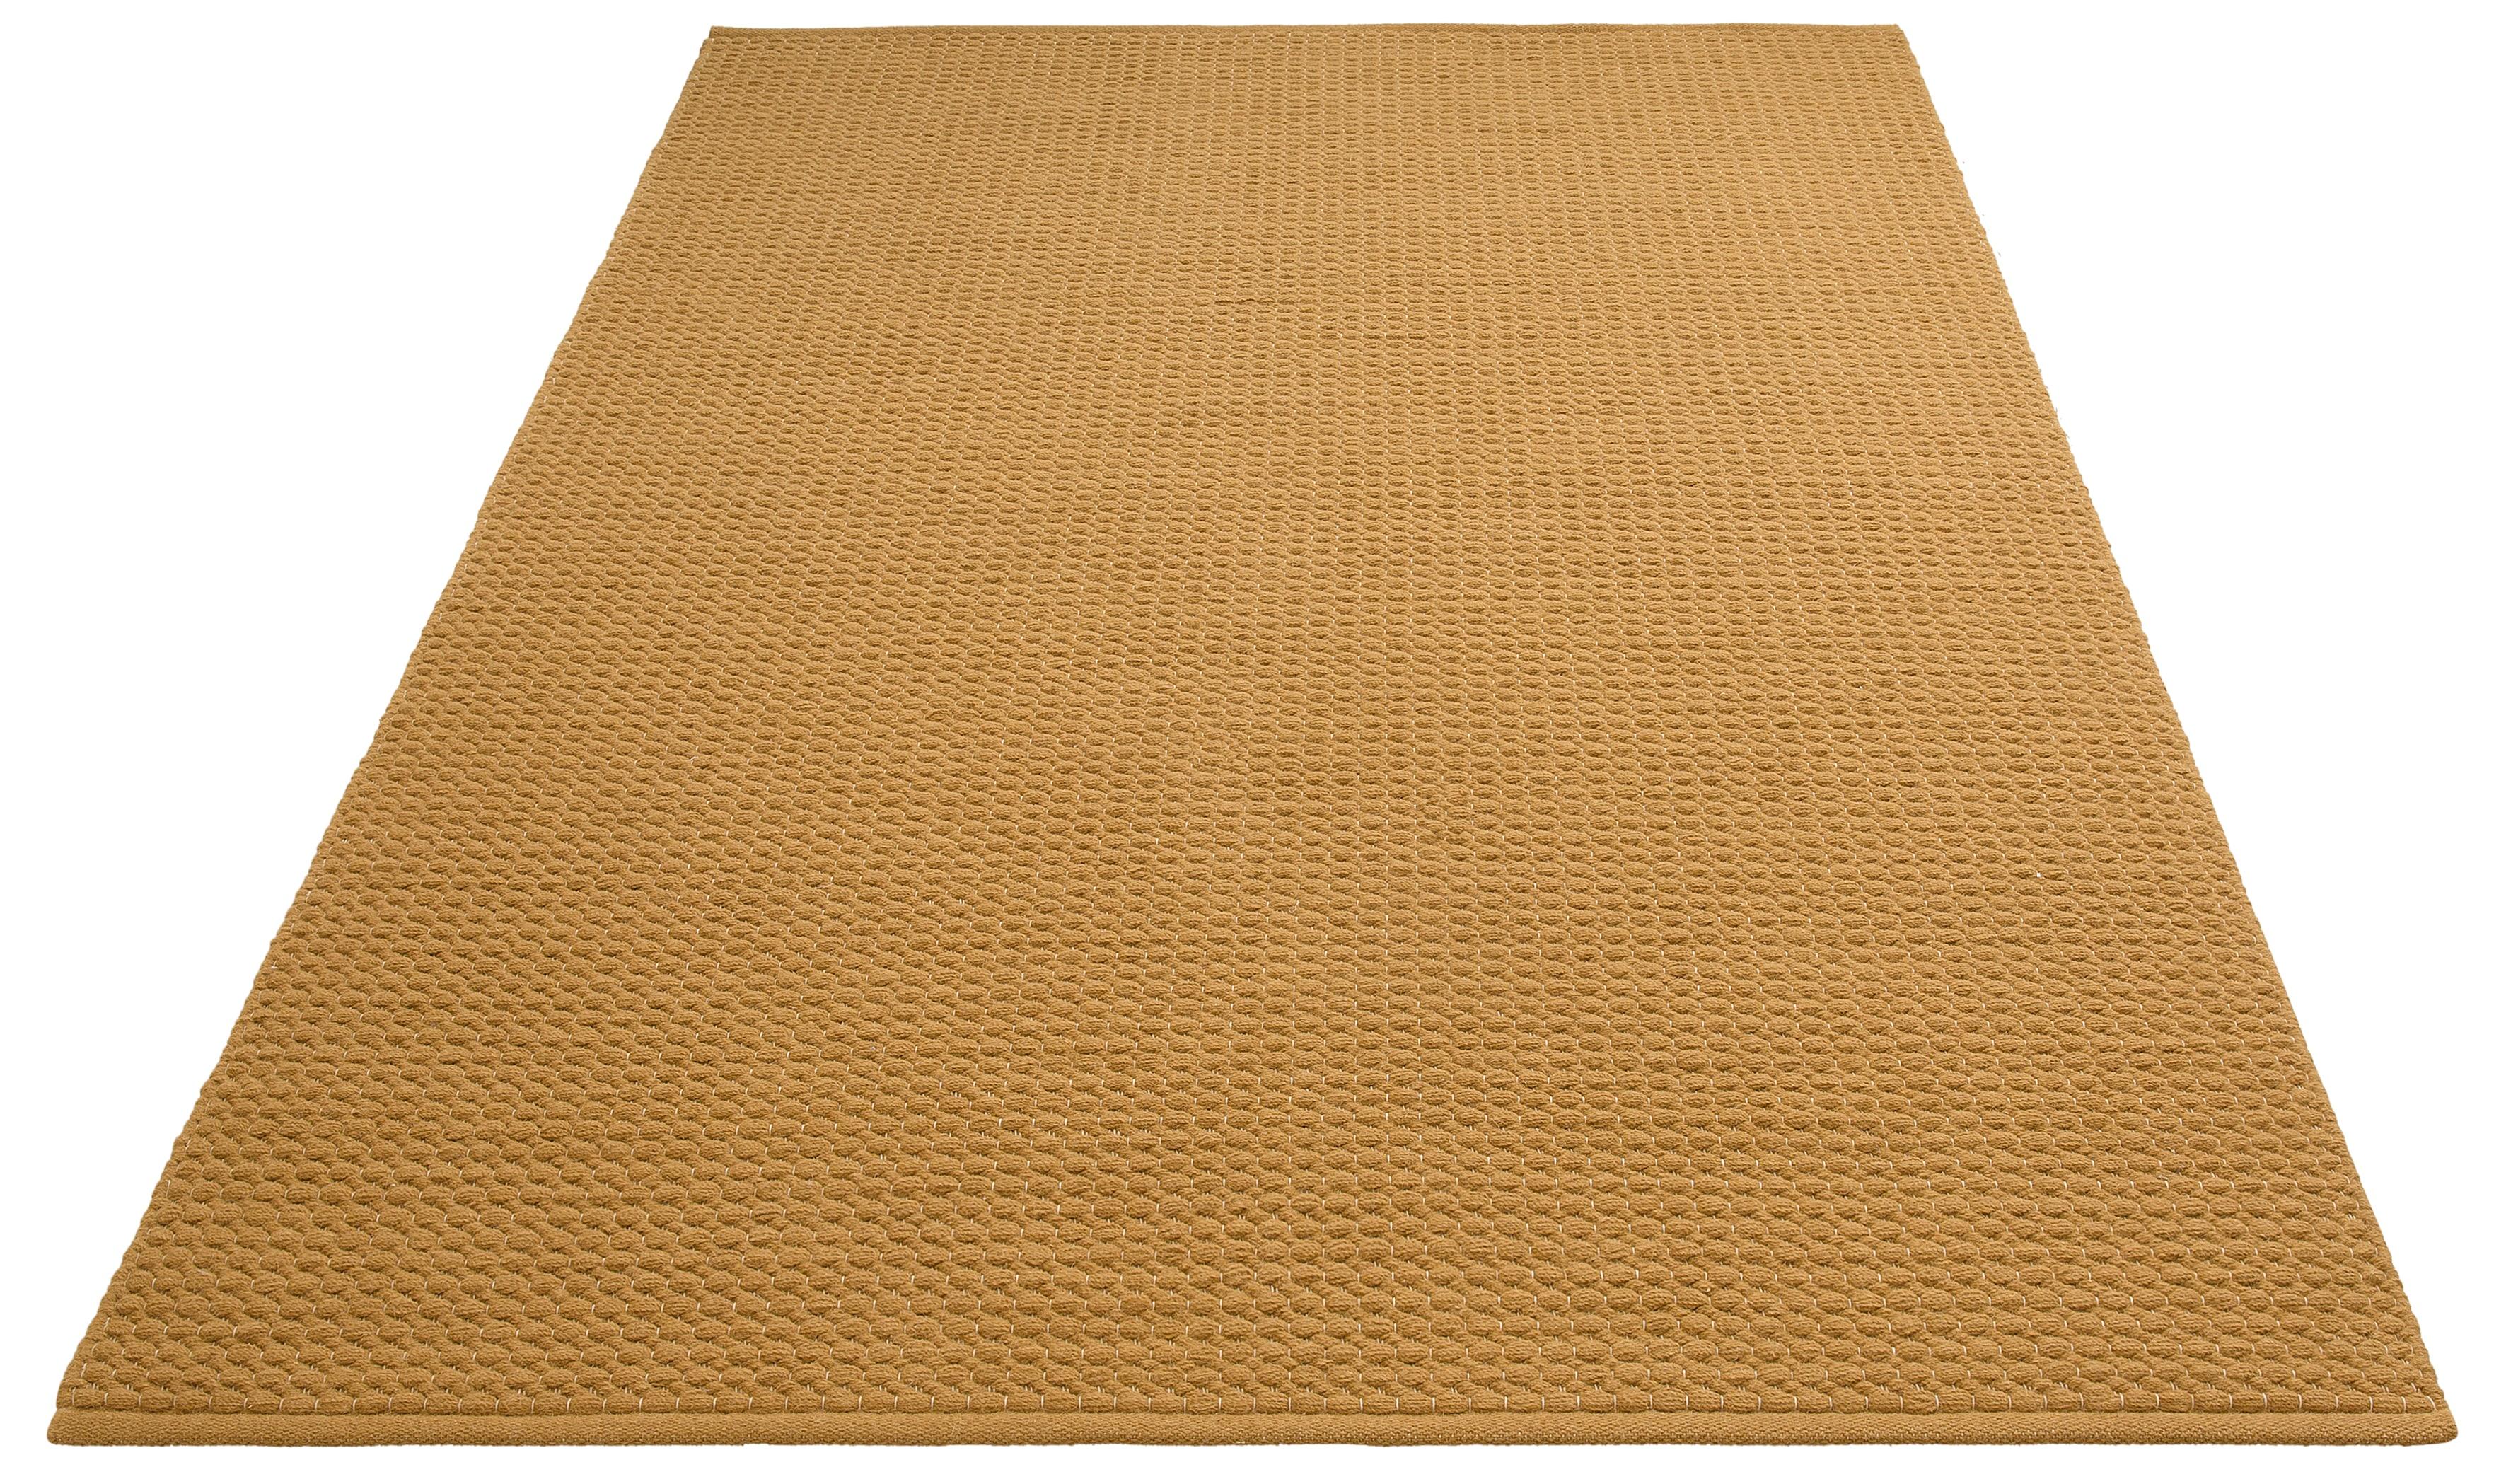 DELAVITA Teppich Sanara, rechteckig, 13 mm Höhe, Strickoptik, Wohnzimmer gelb Esszimmerteppiche Teppiche nach Räumen